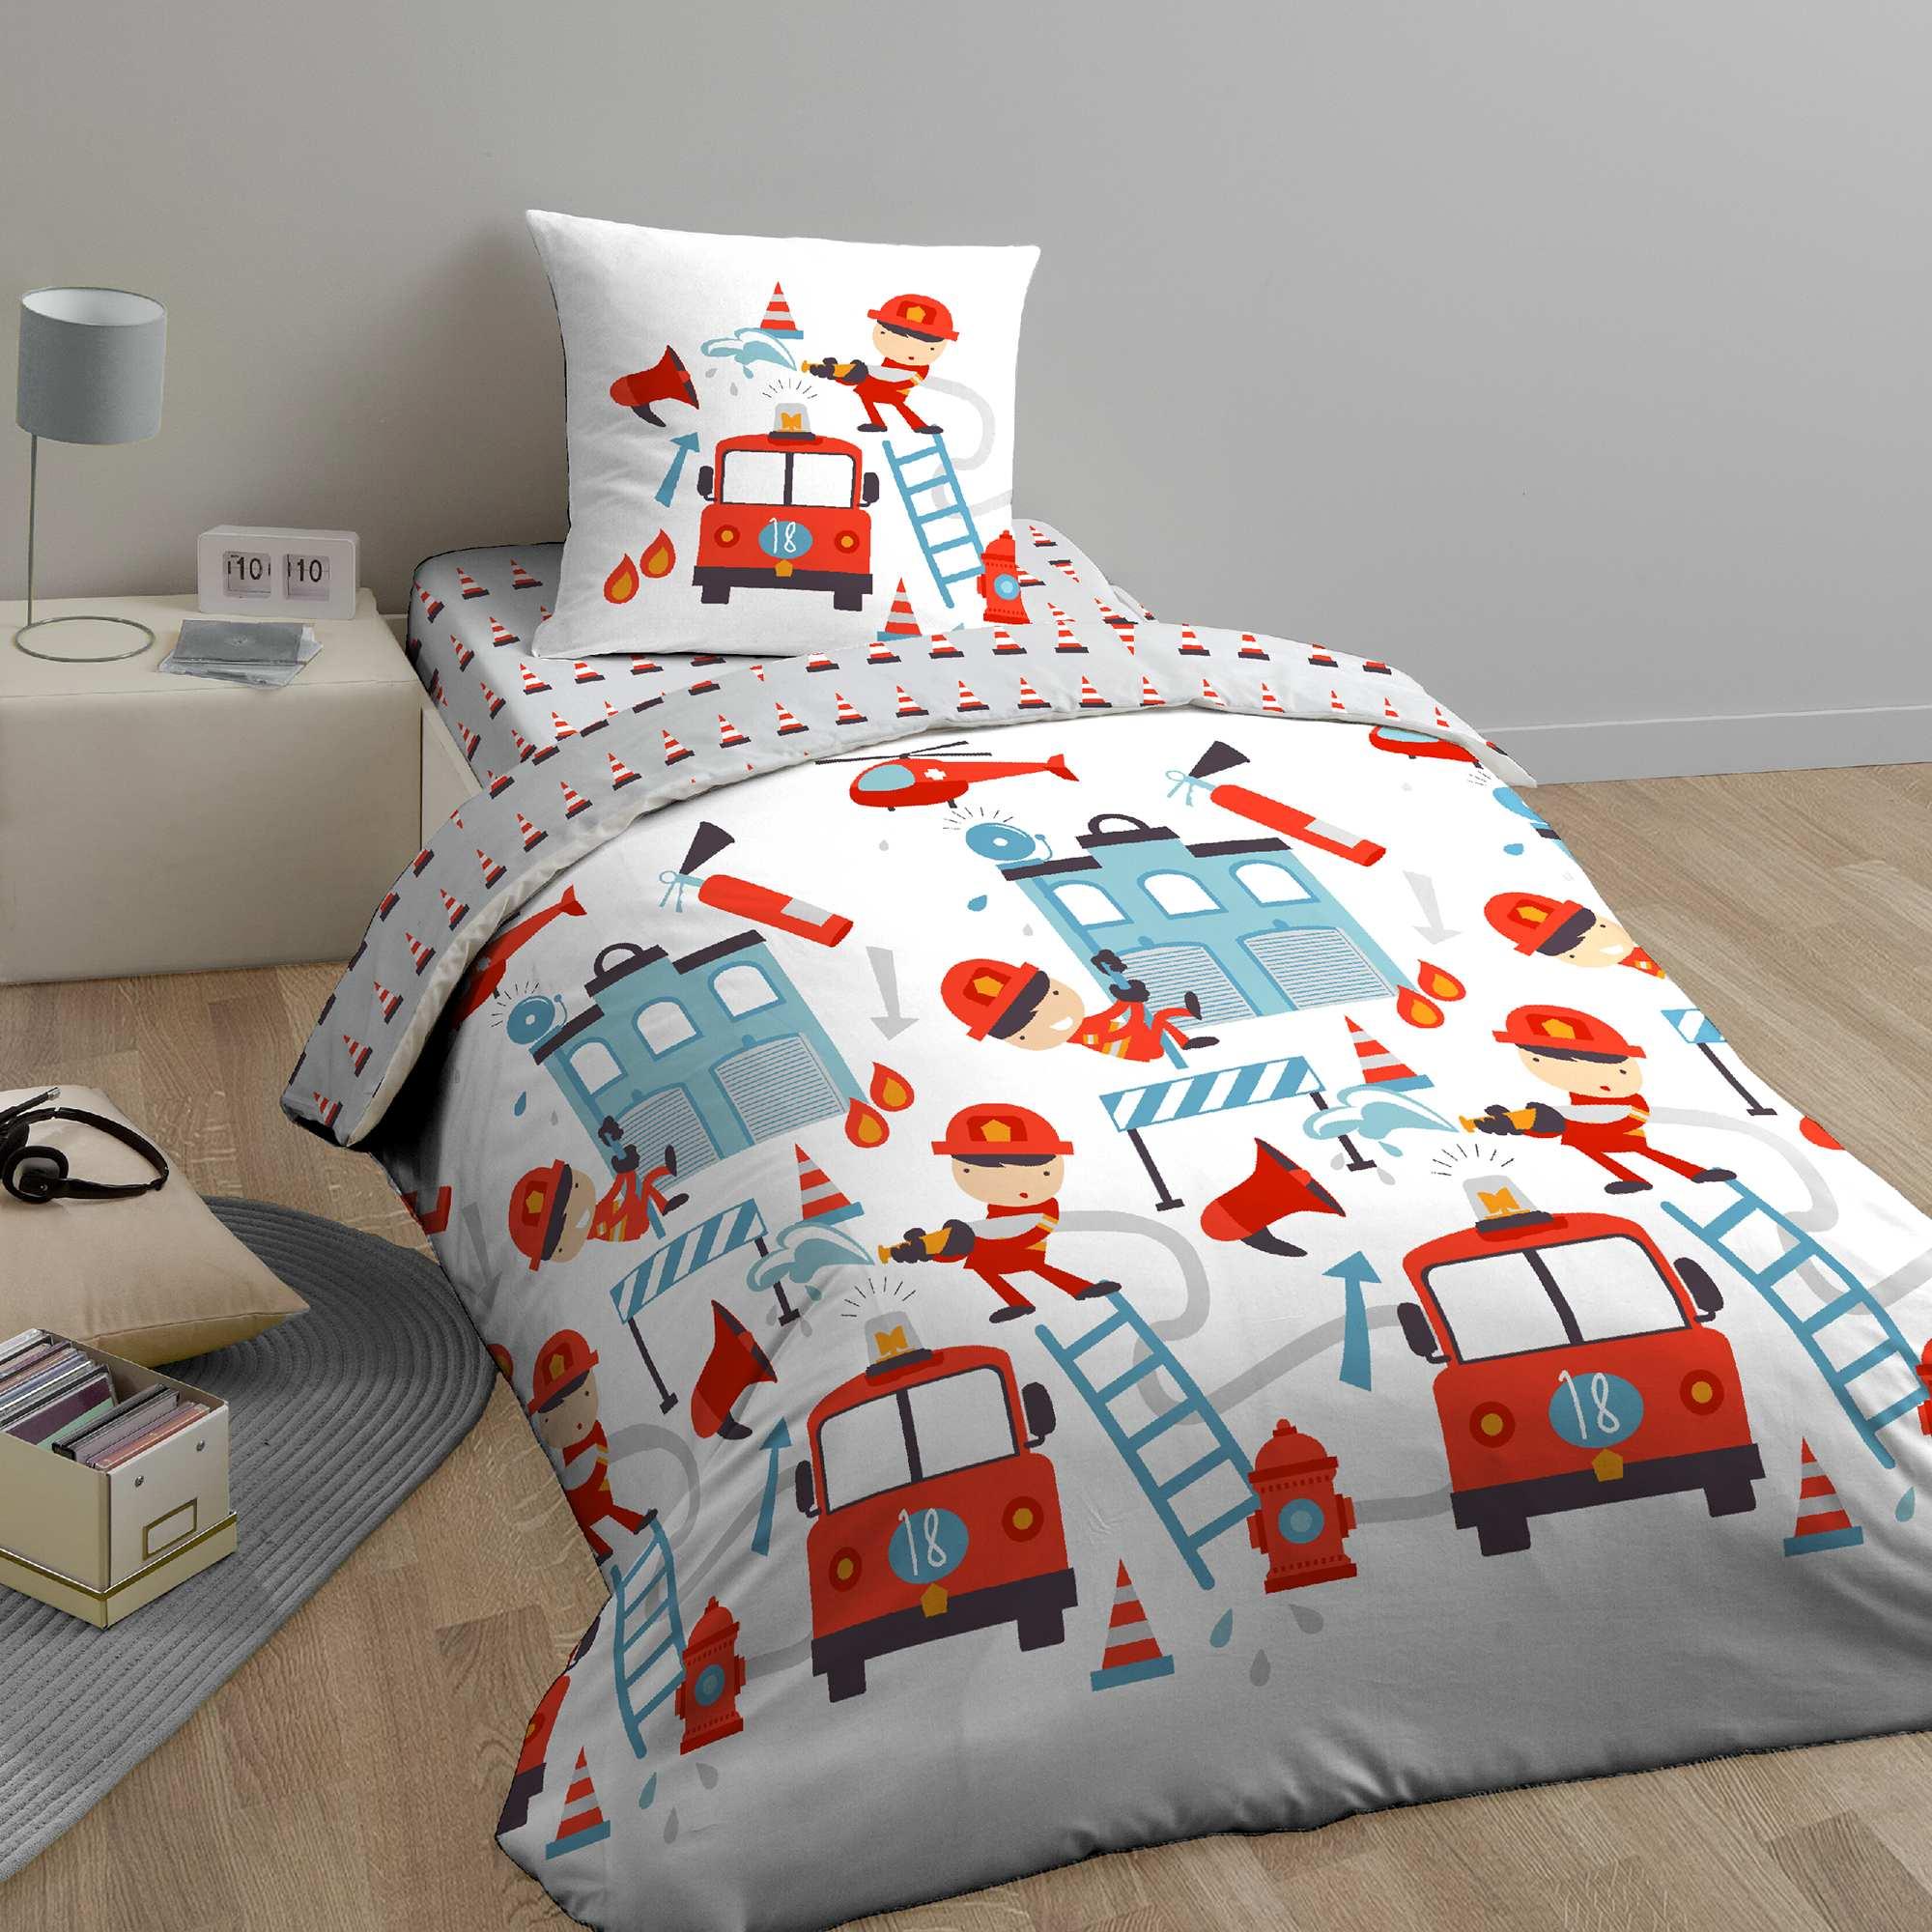 parure de lit 1 personne 39 exercice 39 linge de lit blanc. Black Bedroom Furniture Sets. Home Design Ideas